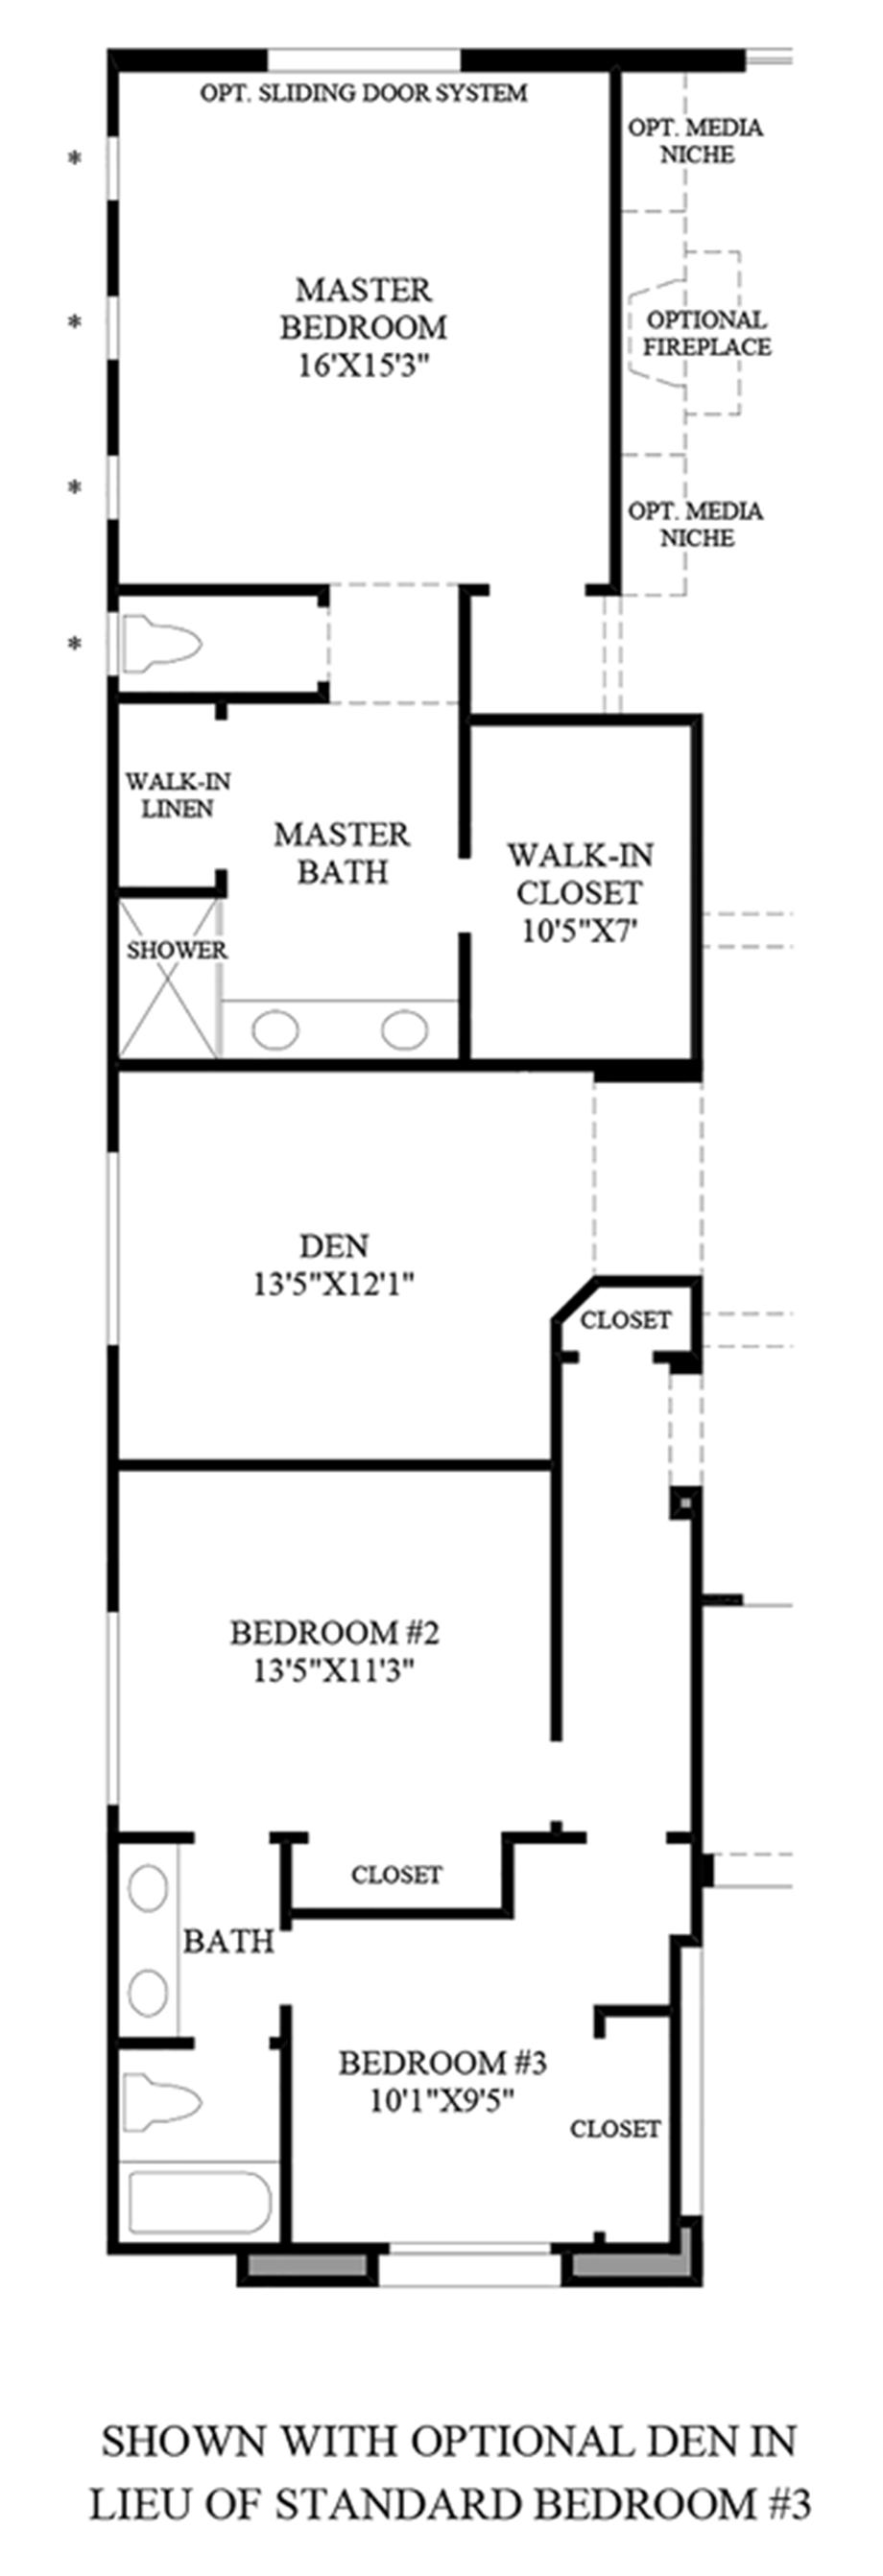 Optional Den ILO Standard Bedroom #3 Floor Plan